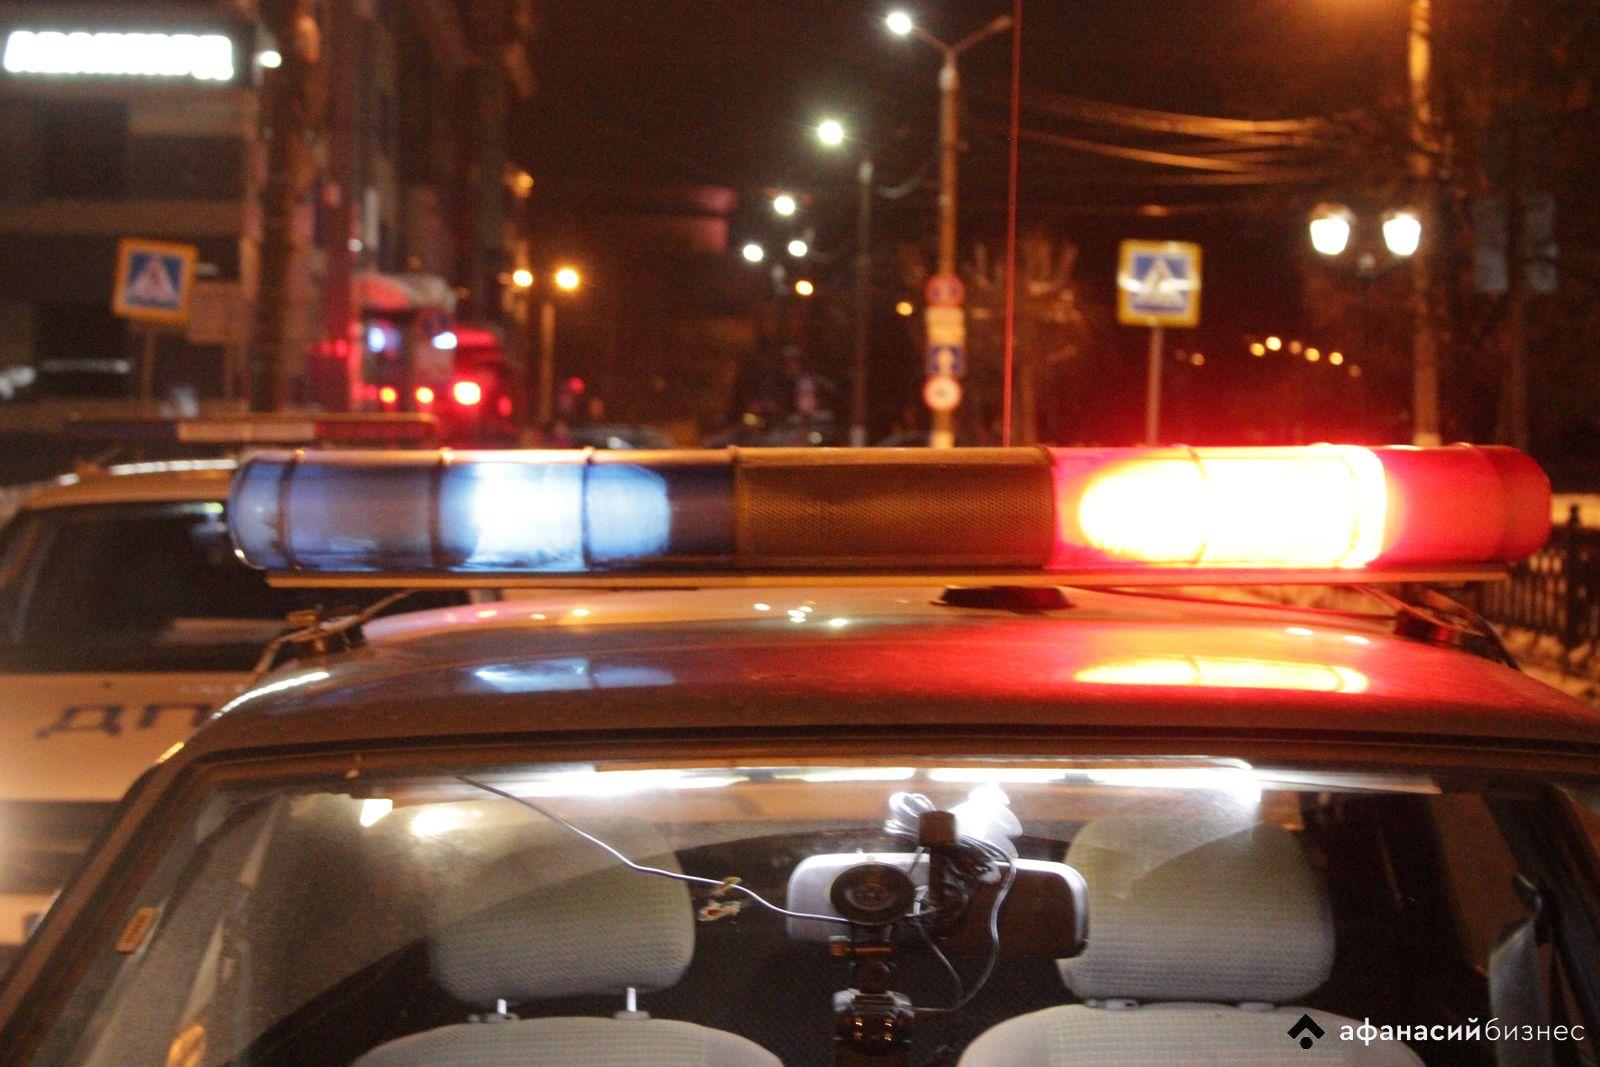 Решивший съездить за спиртным пьяный житель Тверской области попал в ДТП на чужой машине